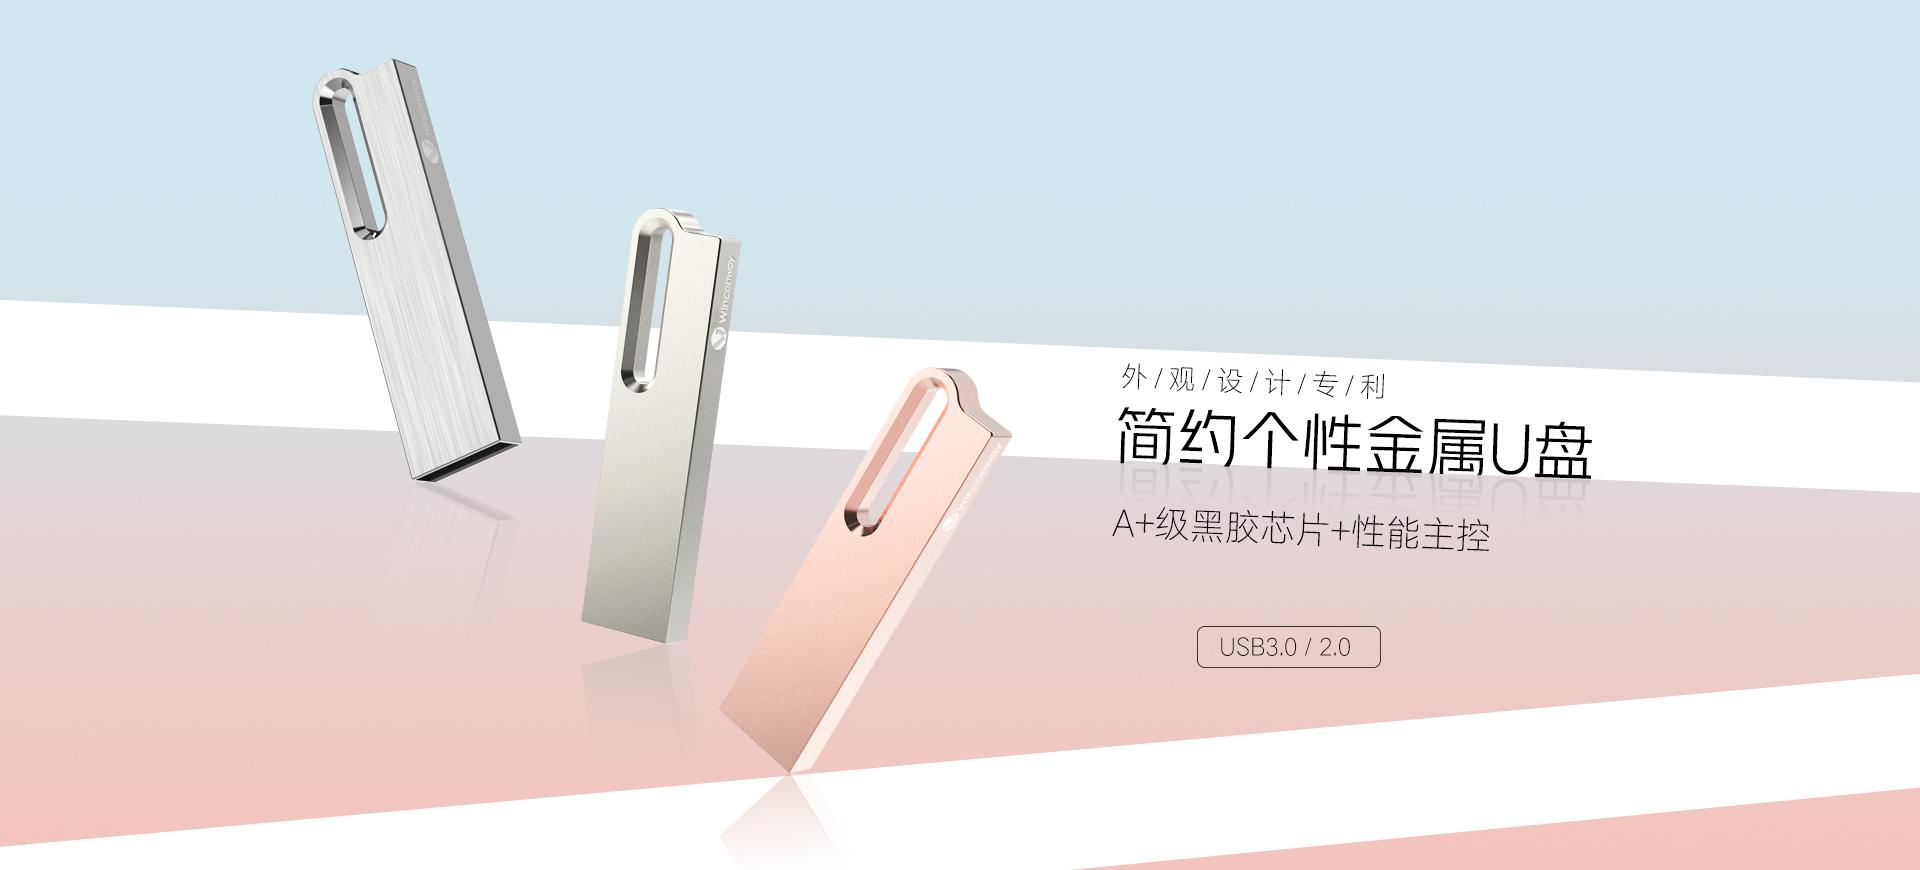 深圳市微存科技有限公司